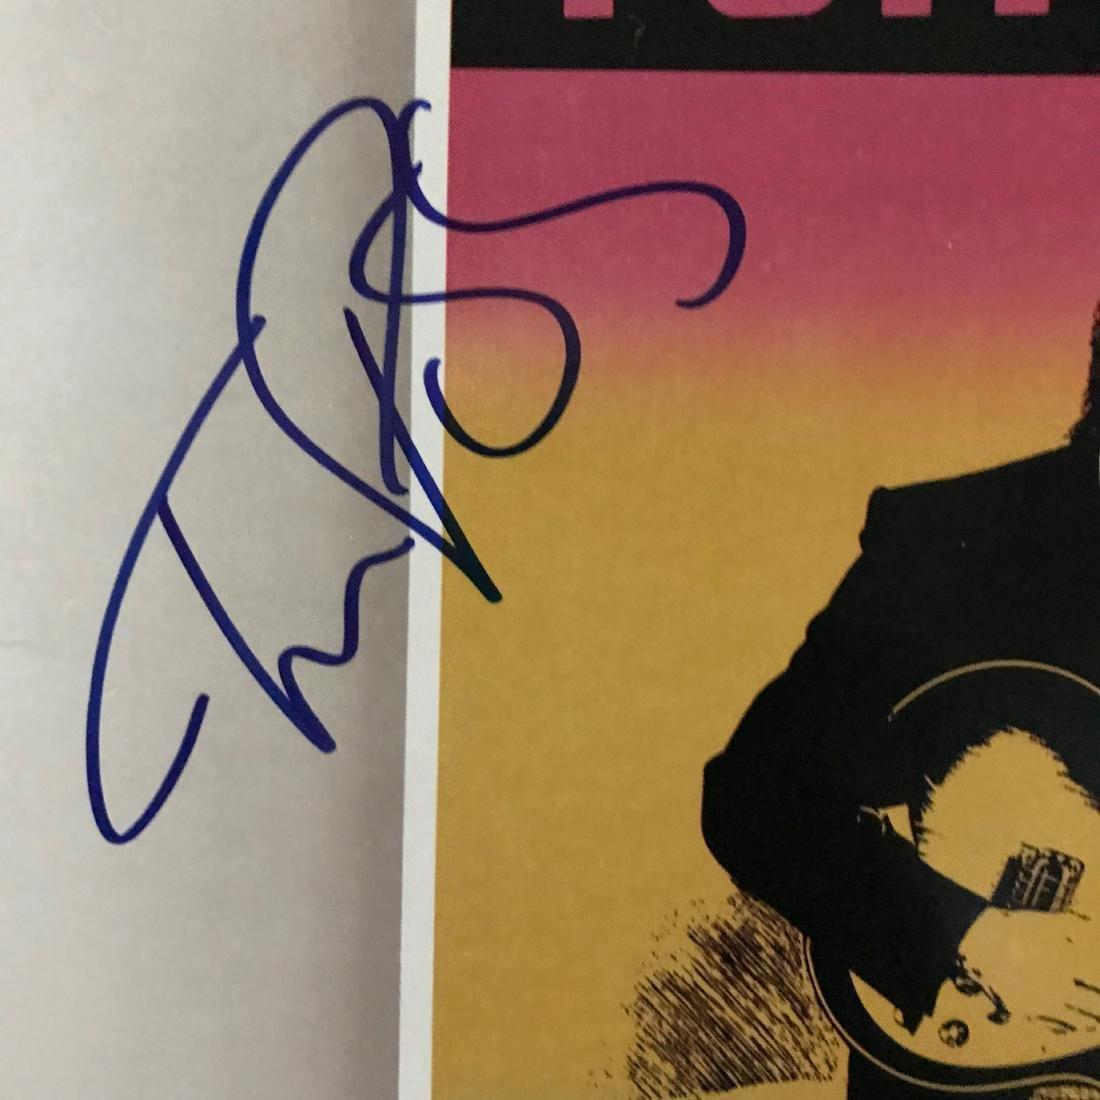 Tom Petty Signed Full Moon Fever album - 2